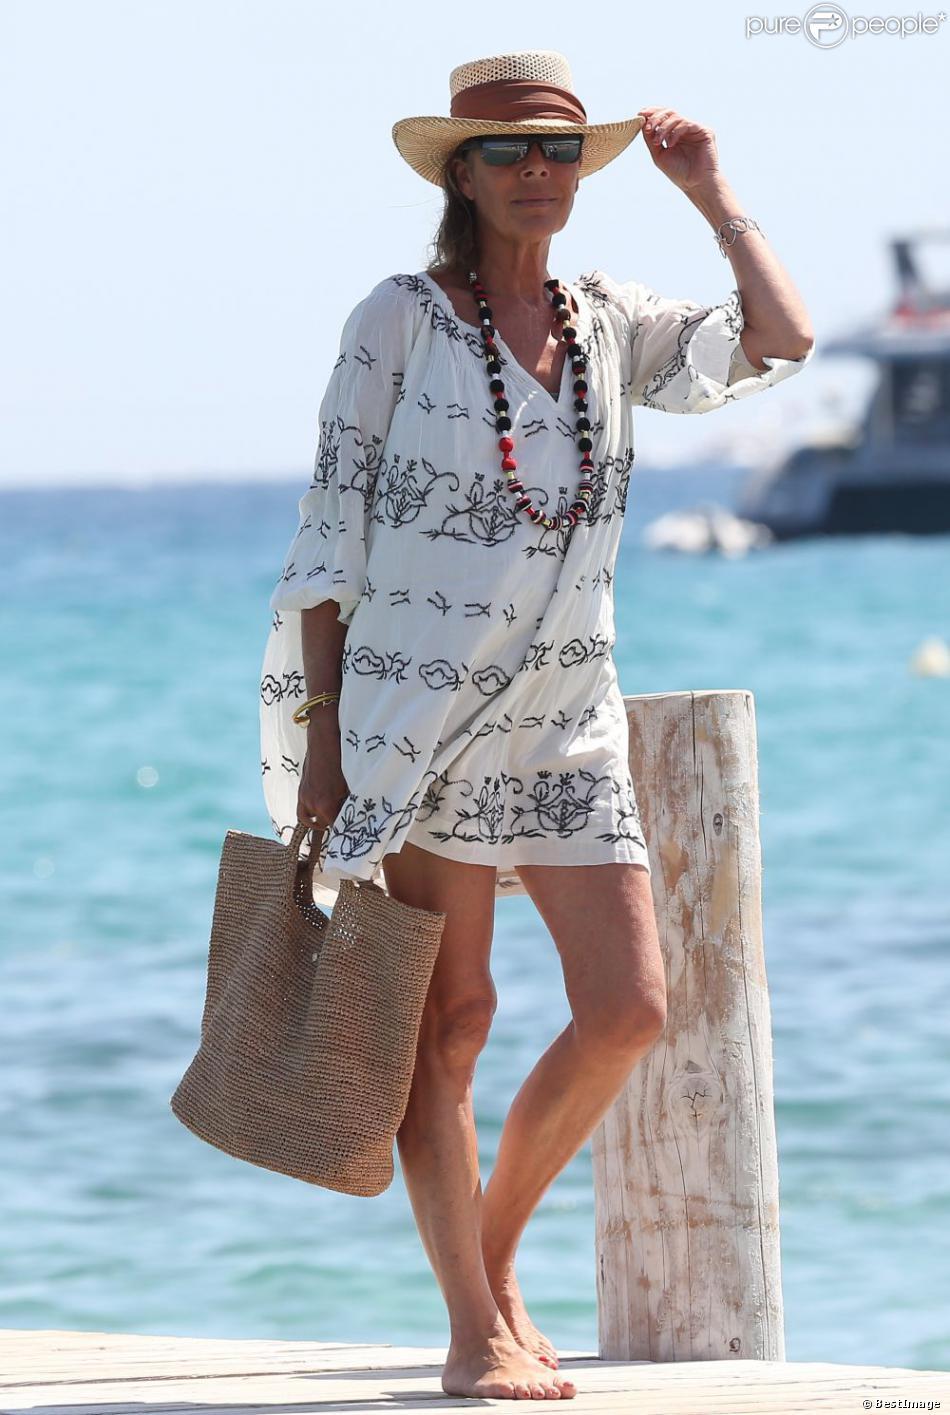 La princesse Caroline de Hanovre, superbe en tunique estivale, arrive au Club 55 à Saint-Tropez, avec des amis, le 23 août 2013.